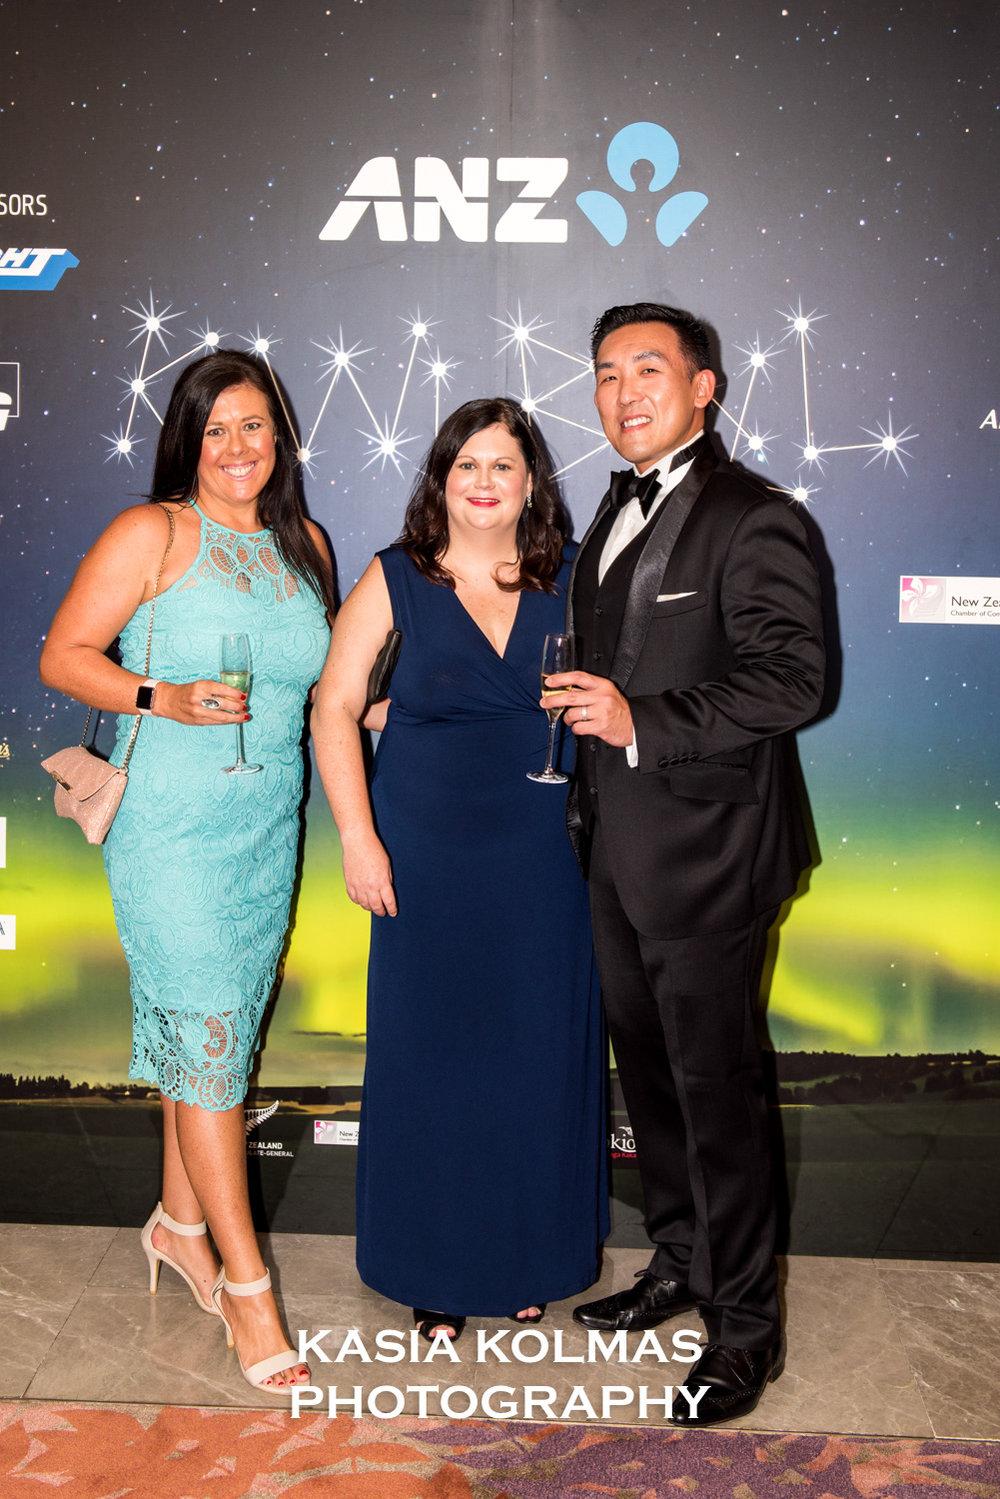 0132 - ANZ Kiwi Ball 2018